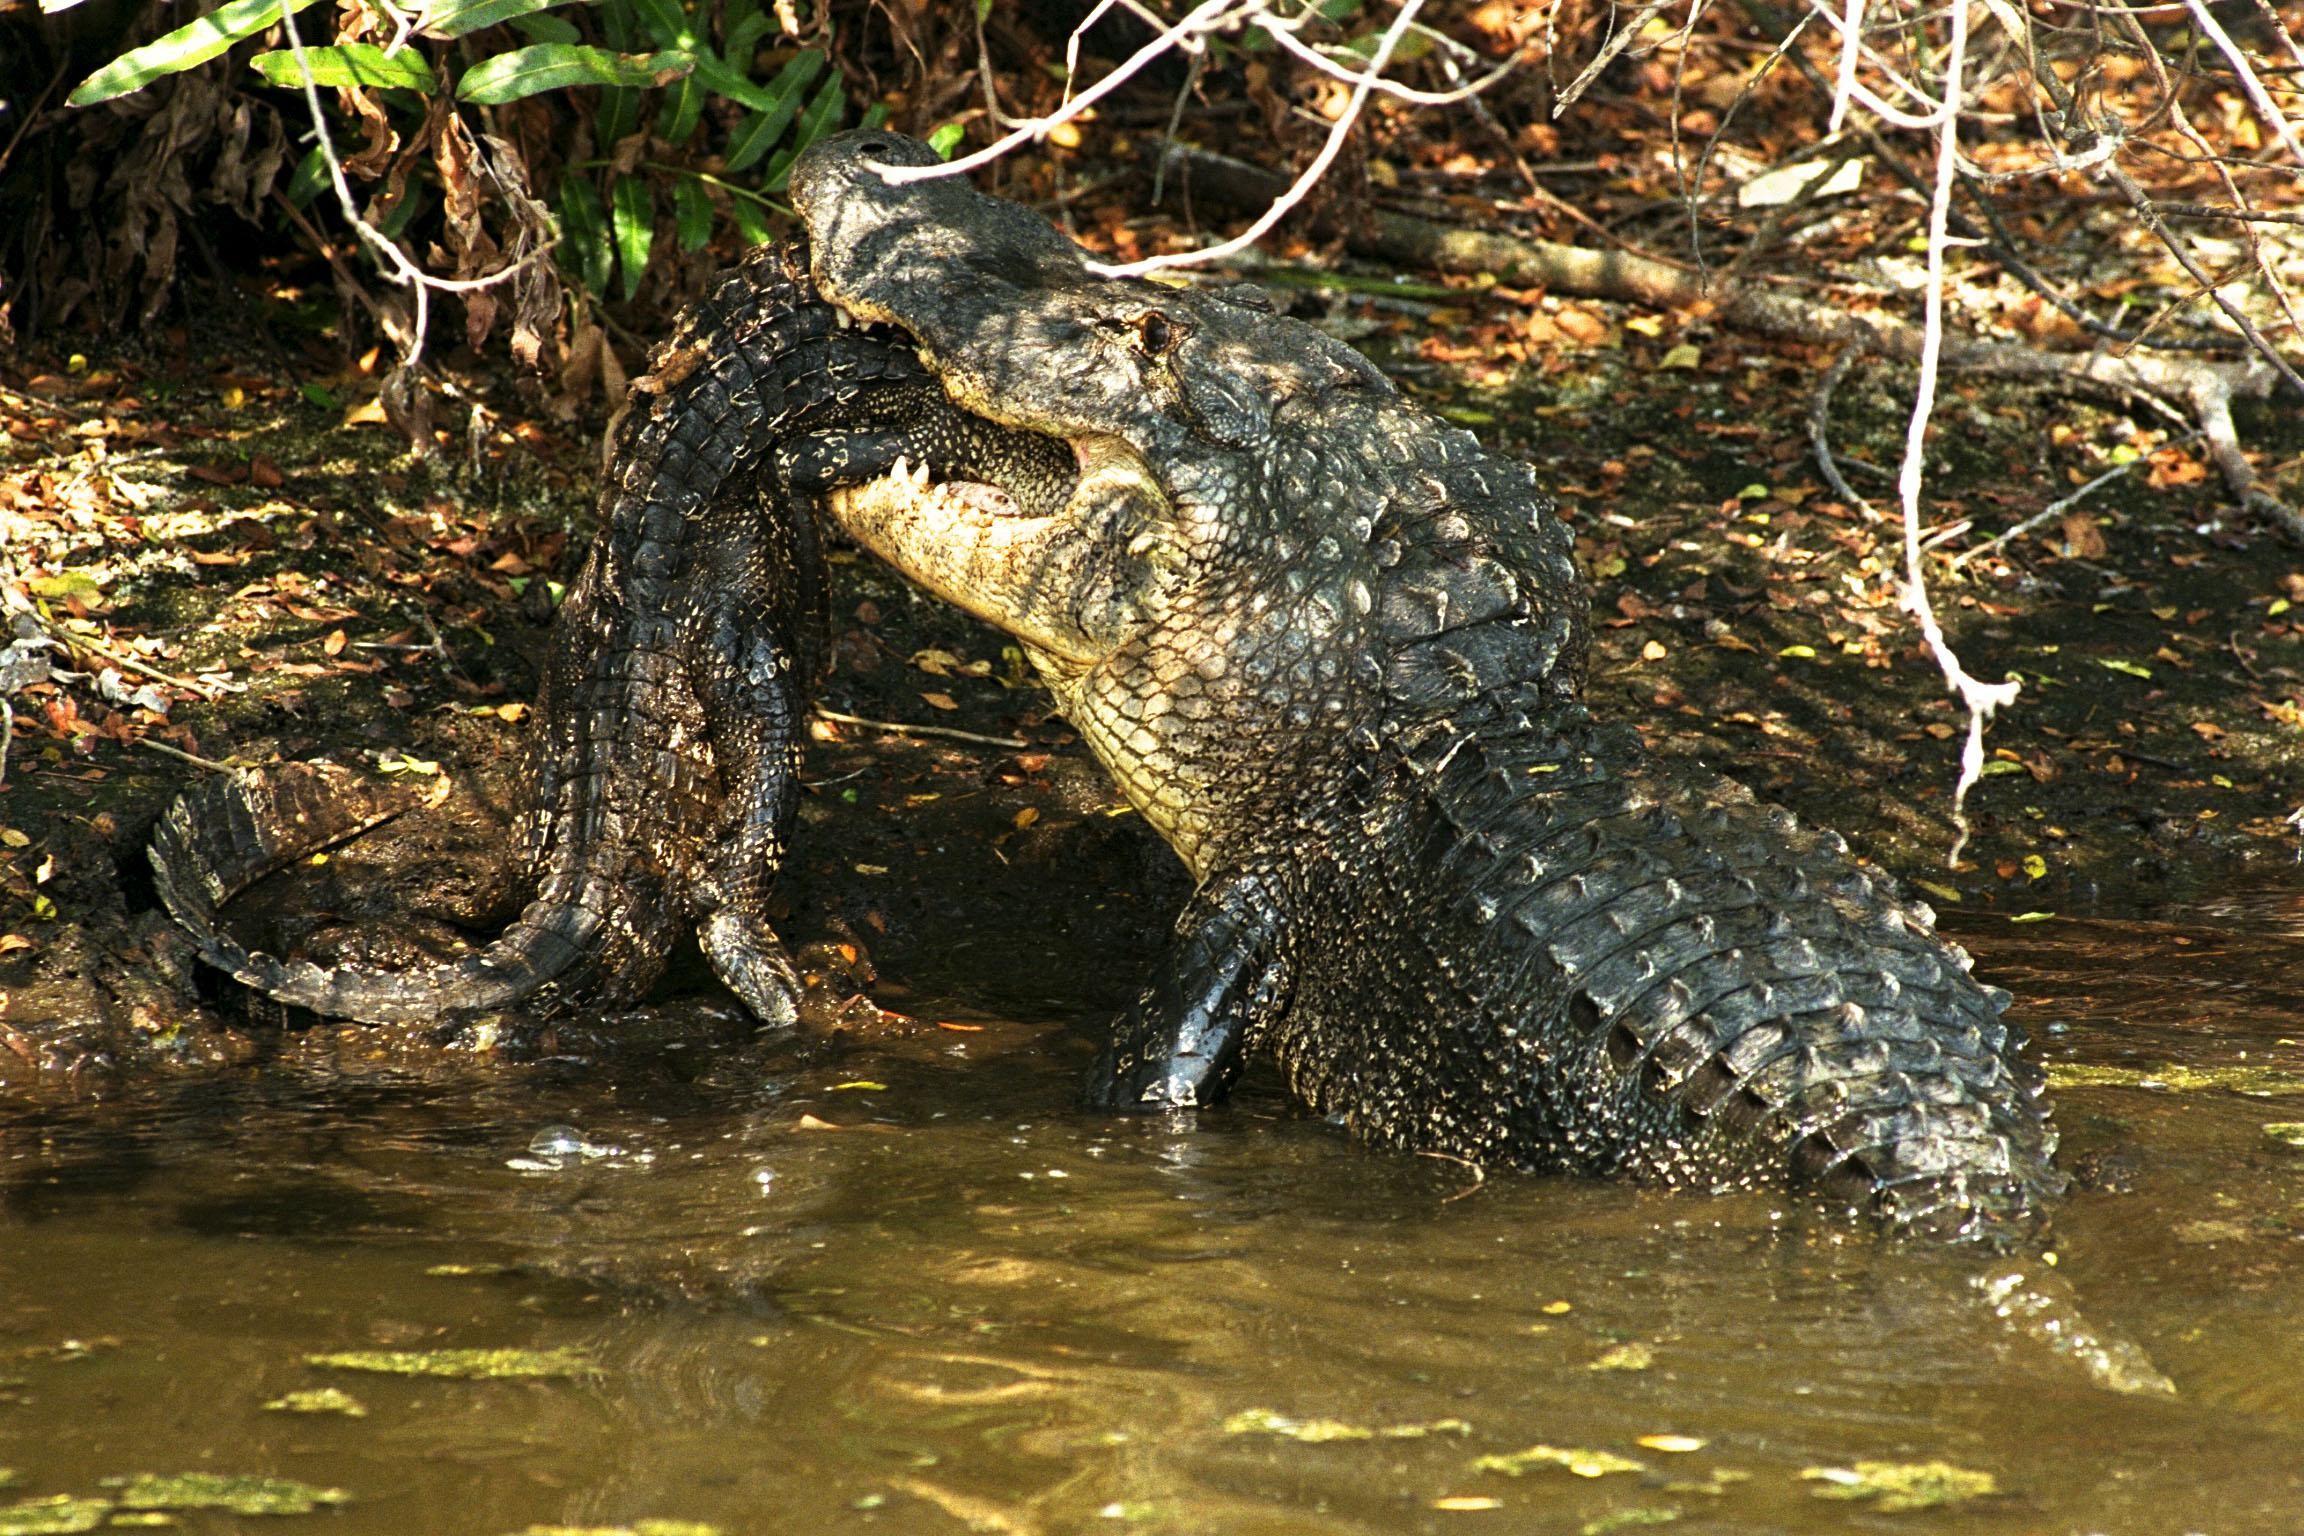 Alligator eaten by snake